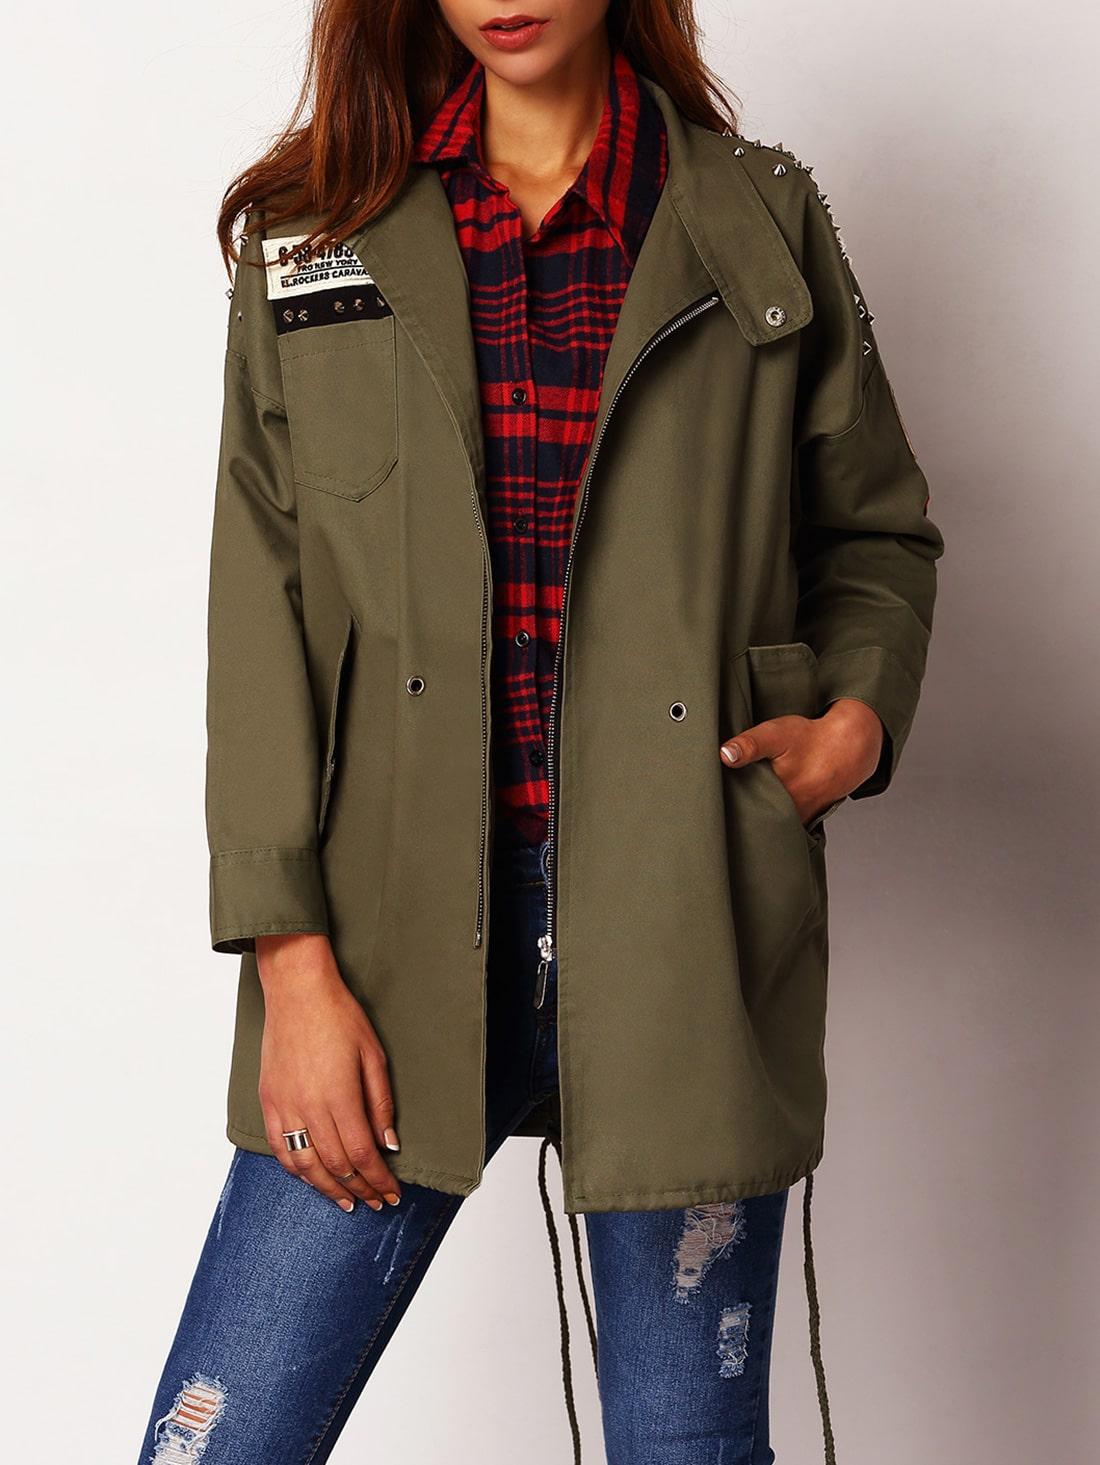 Manteau fendu avec cordon et pi ce su d french romwe for Acheter maison suede